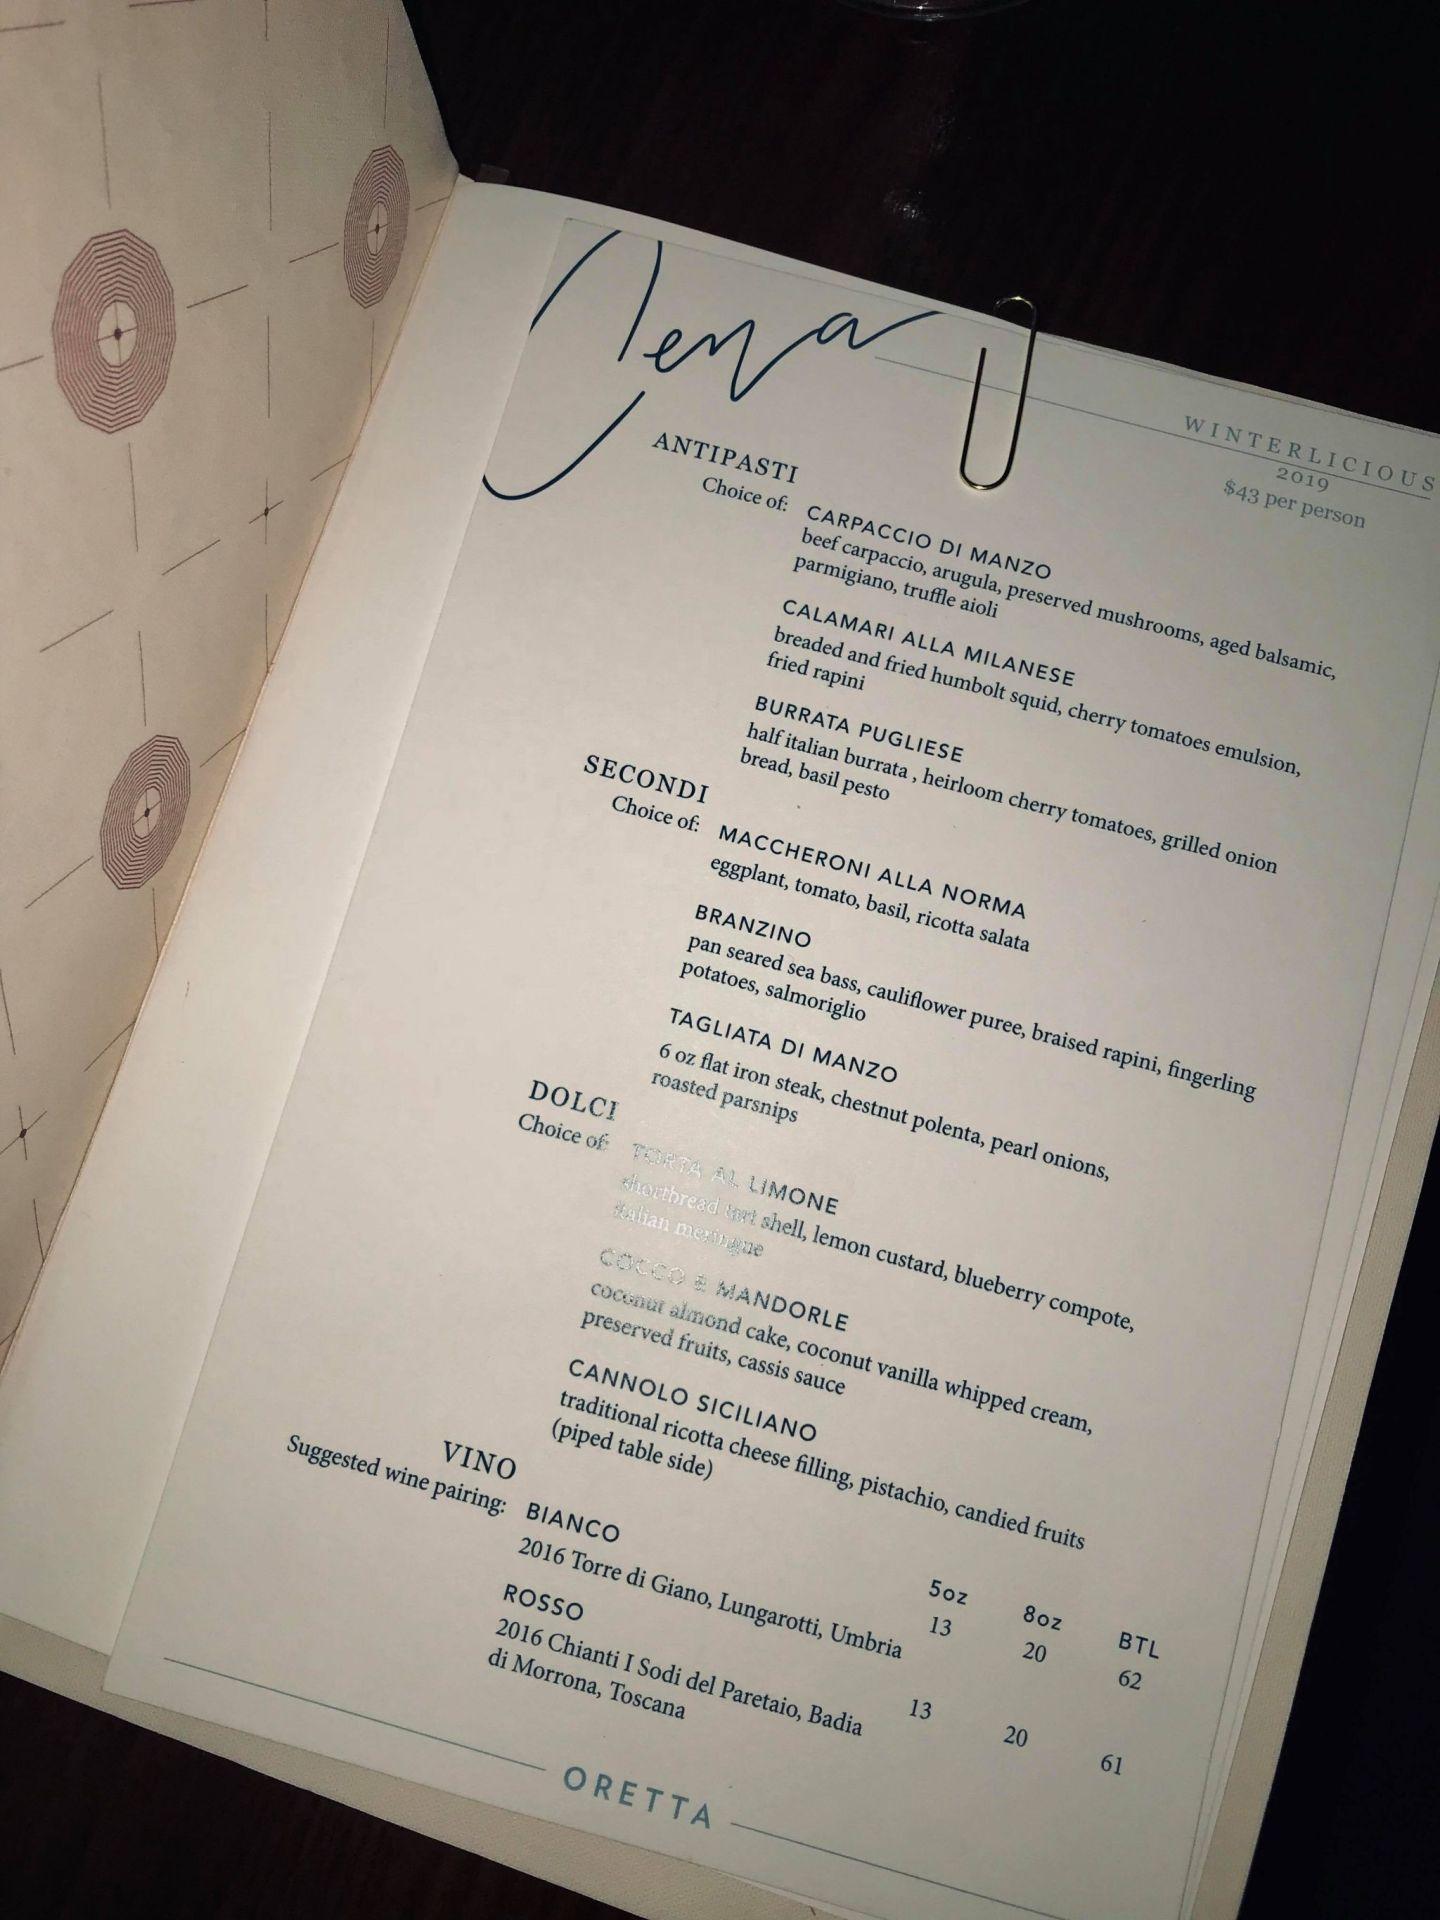 winterlicious menu 2019